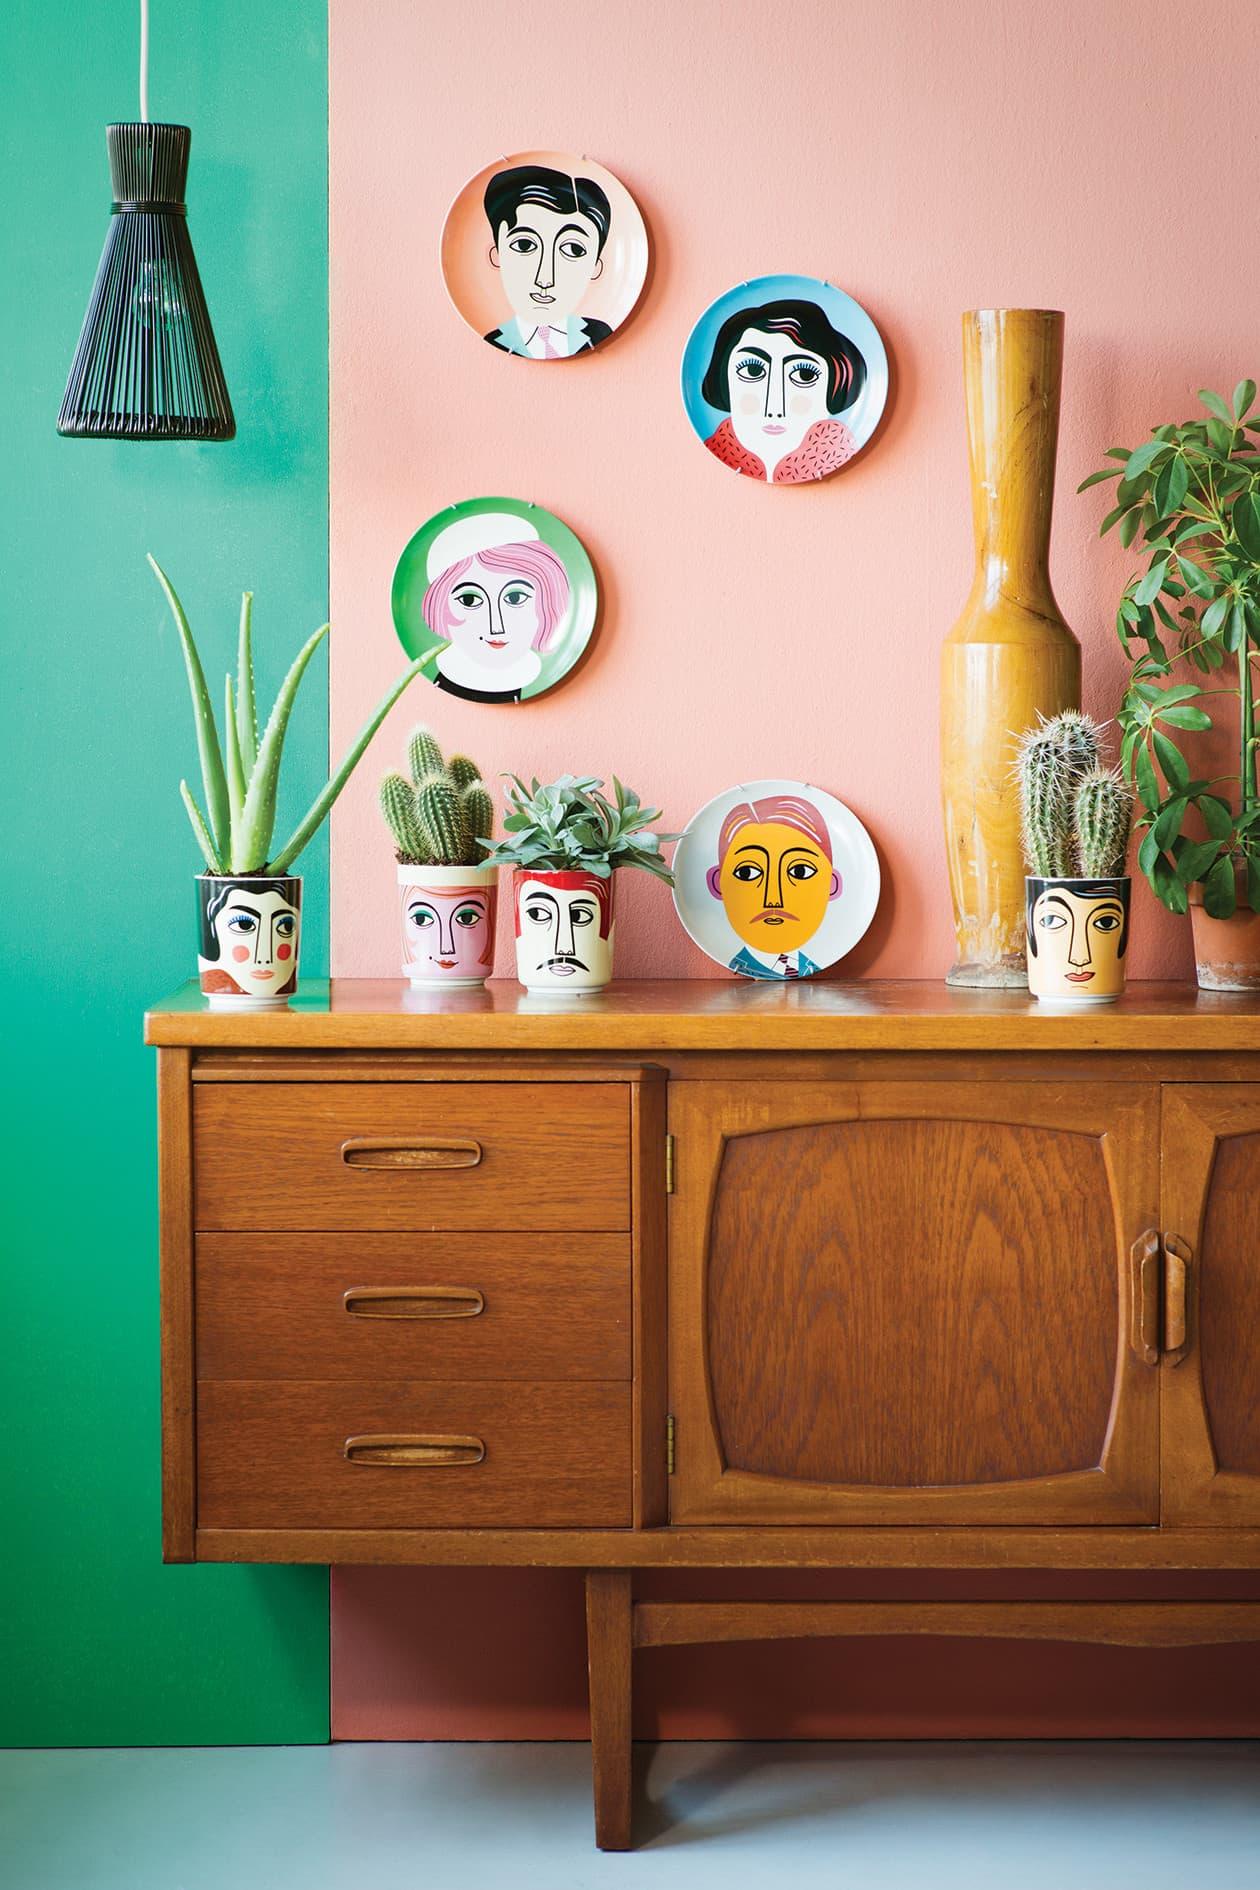 Роспись настенных тарелок лучше всего осуществлять специальными акриловыми красками для стекла и керамики